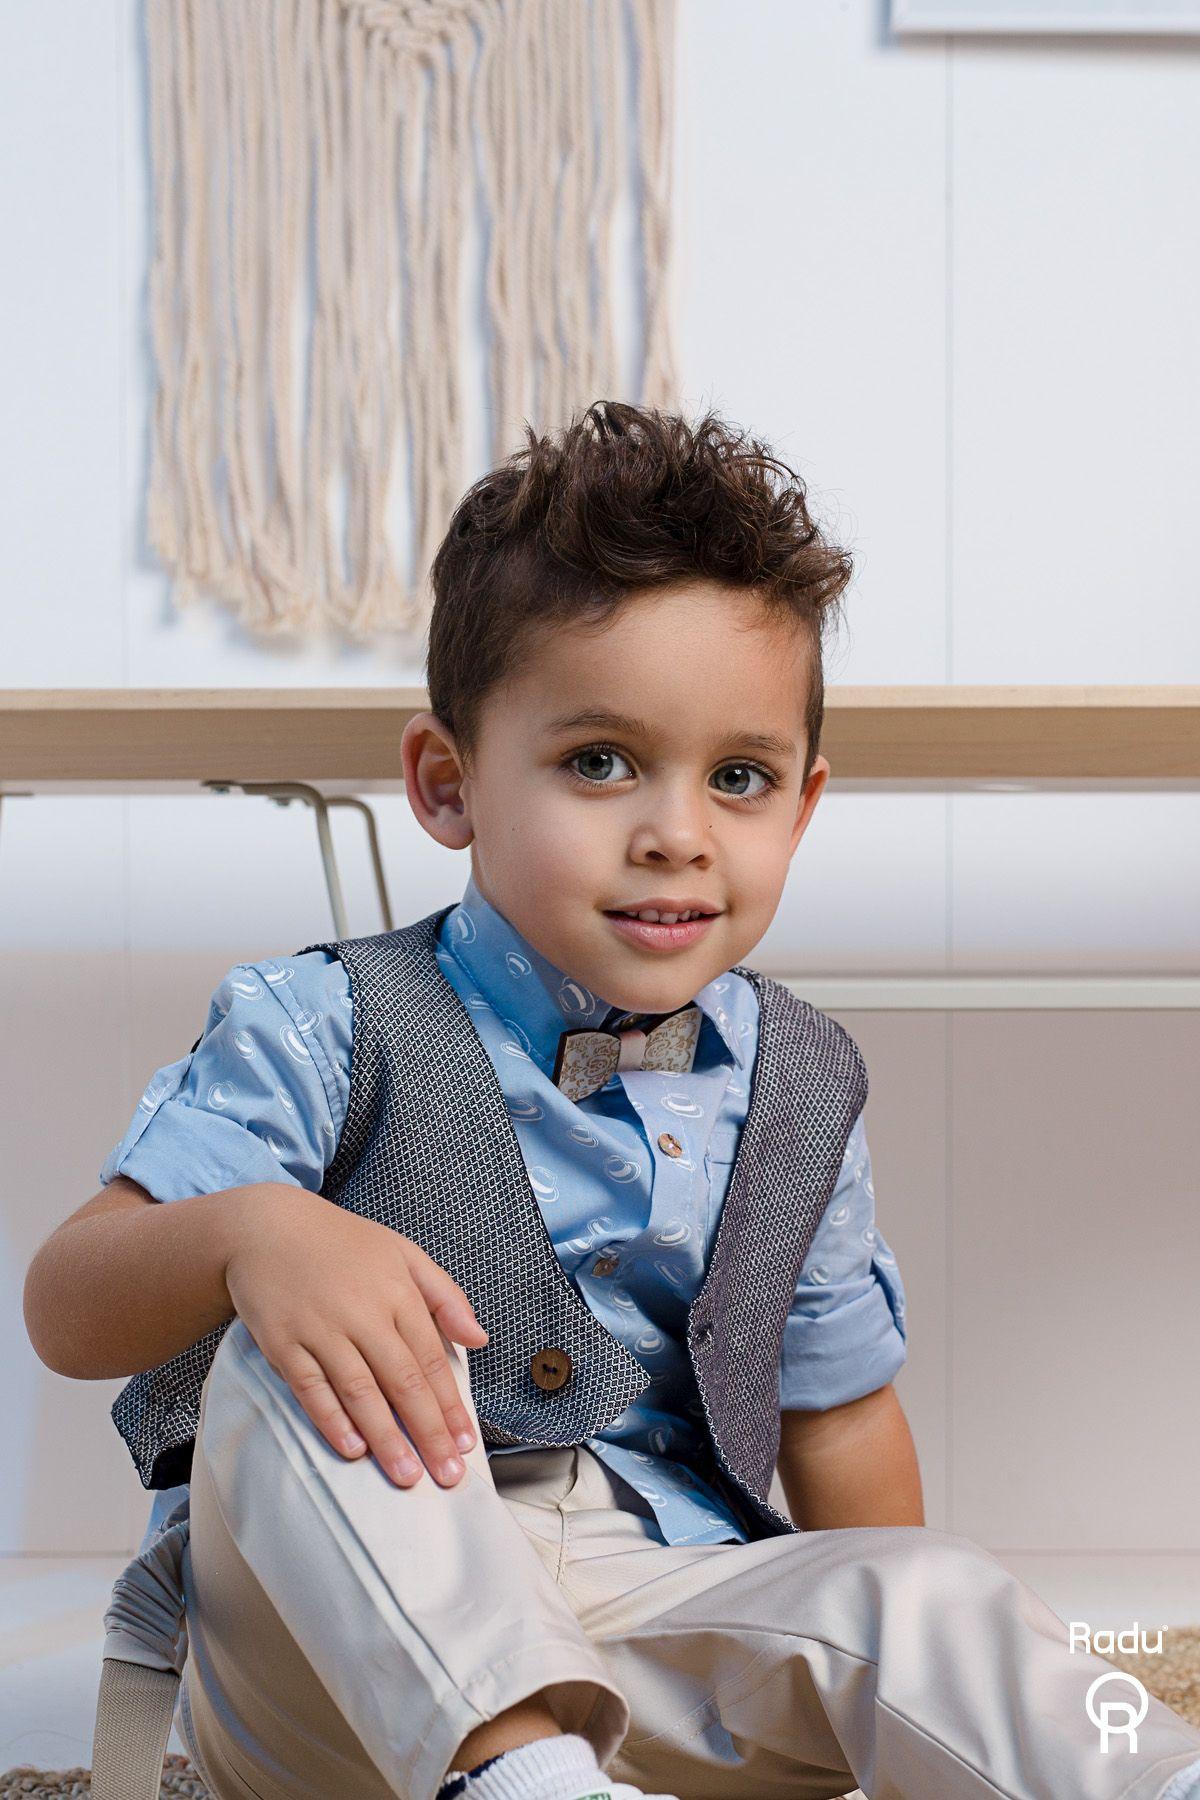 Βαπτιστικό σύνολο αγόρι με μπεζ παντελόνι και σιελ πουκάμισο με λευκά βέλη